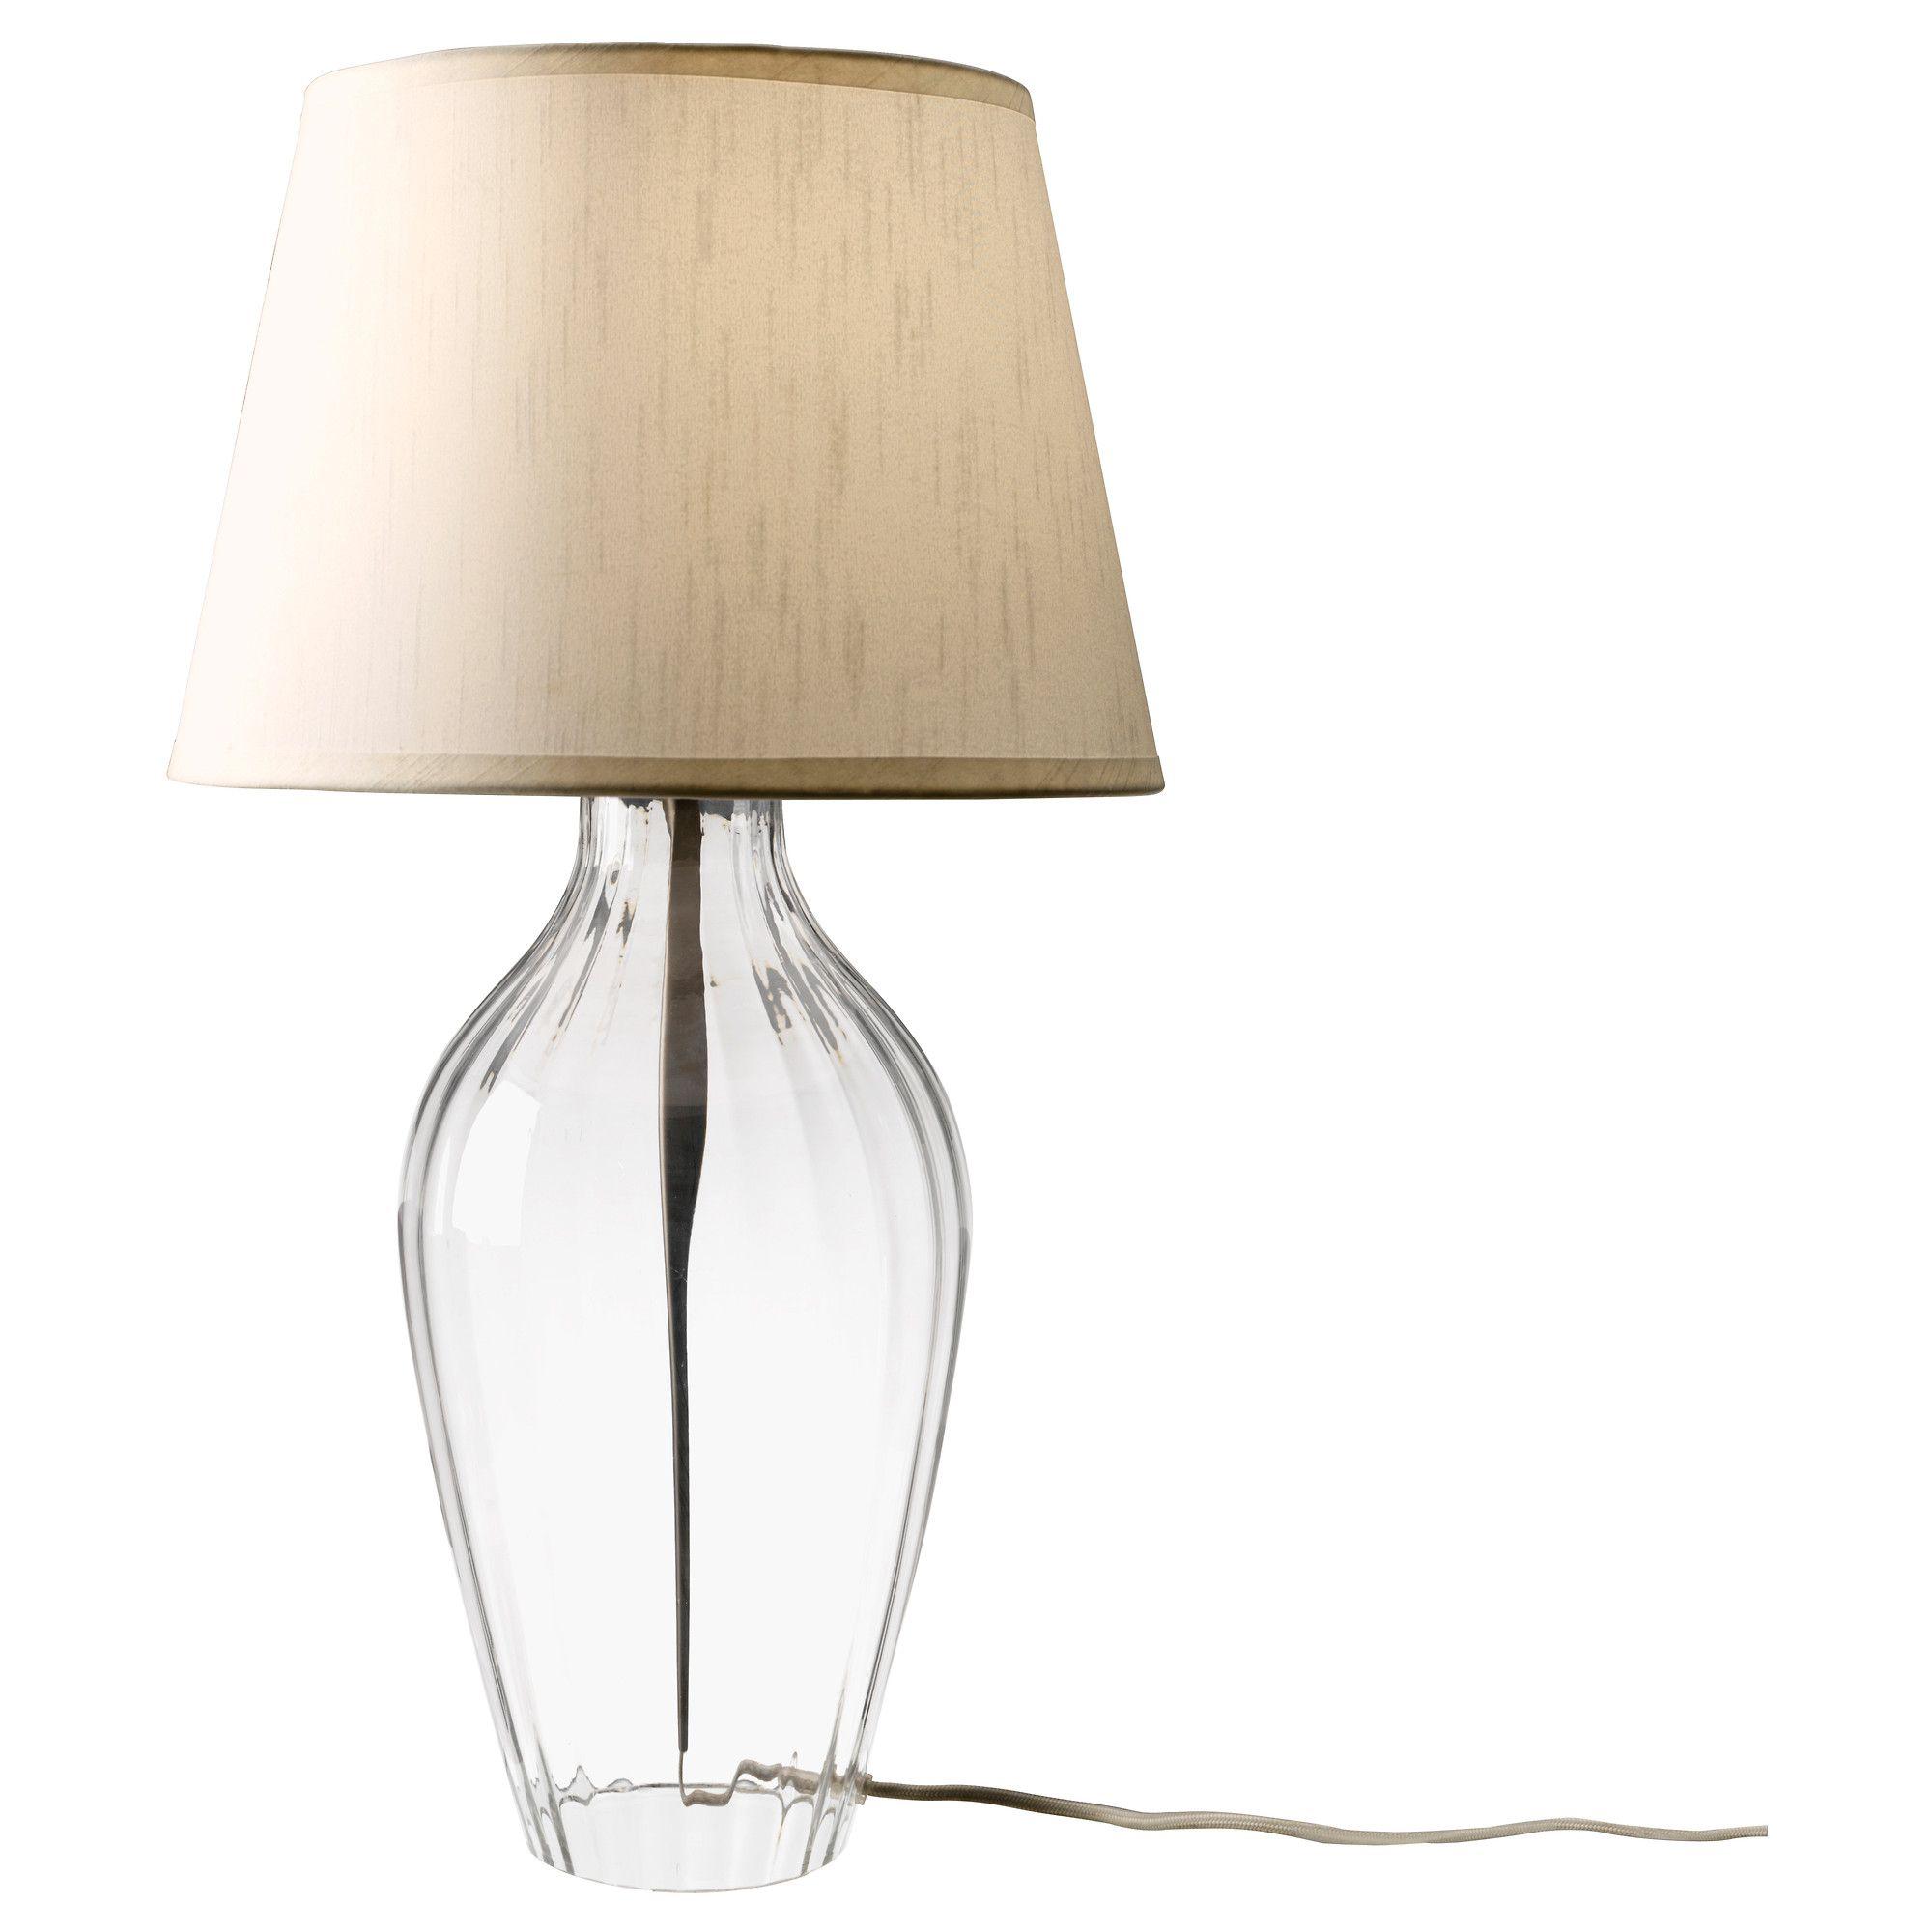 Mobilier Et Decoration Interieur Et Exterieur Table Lamps Living Room Ikea Lighting Table Lamp